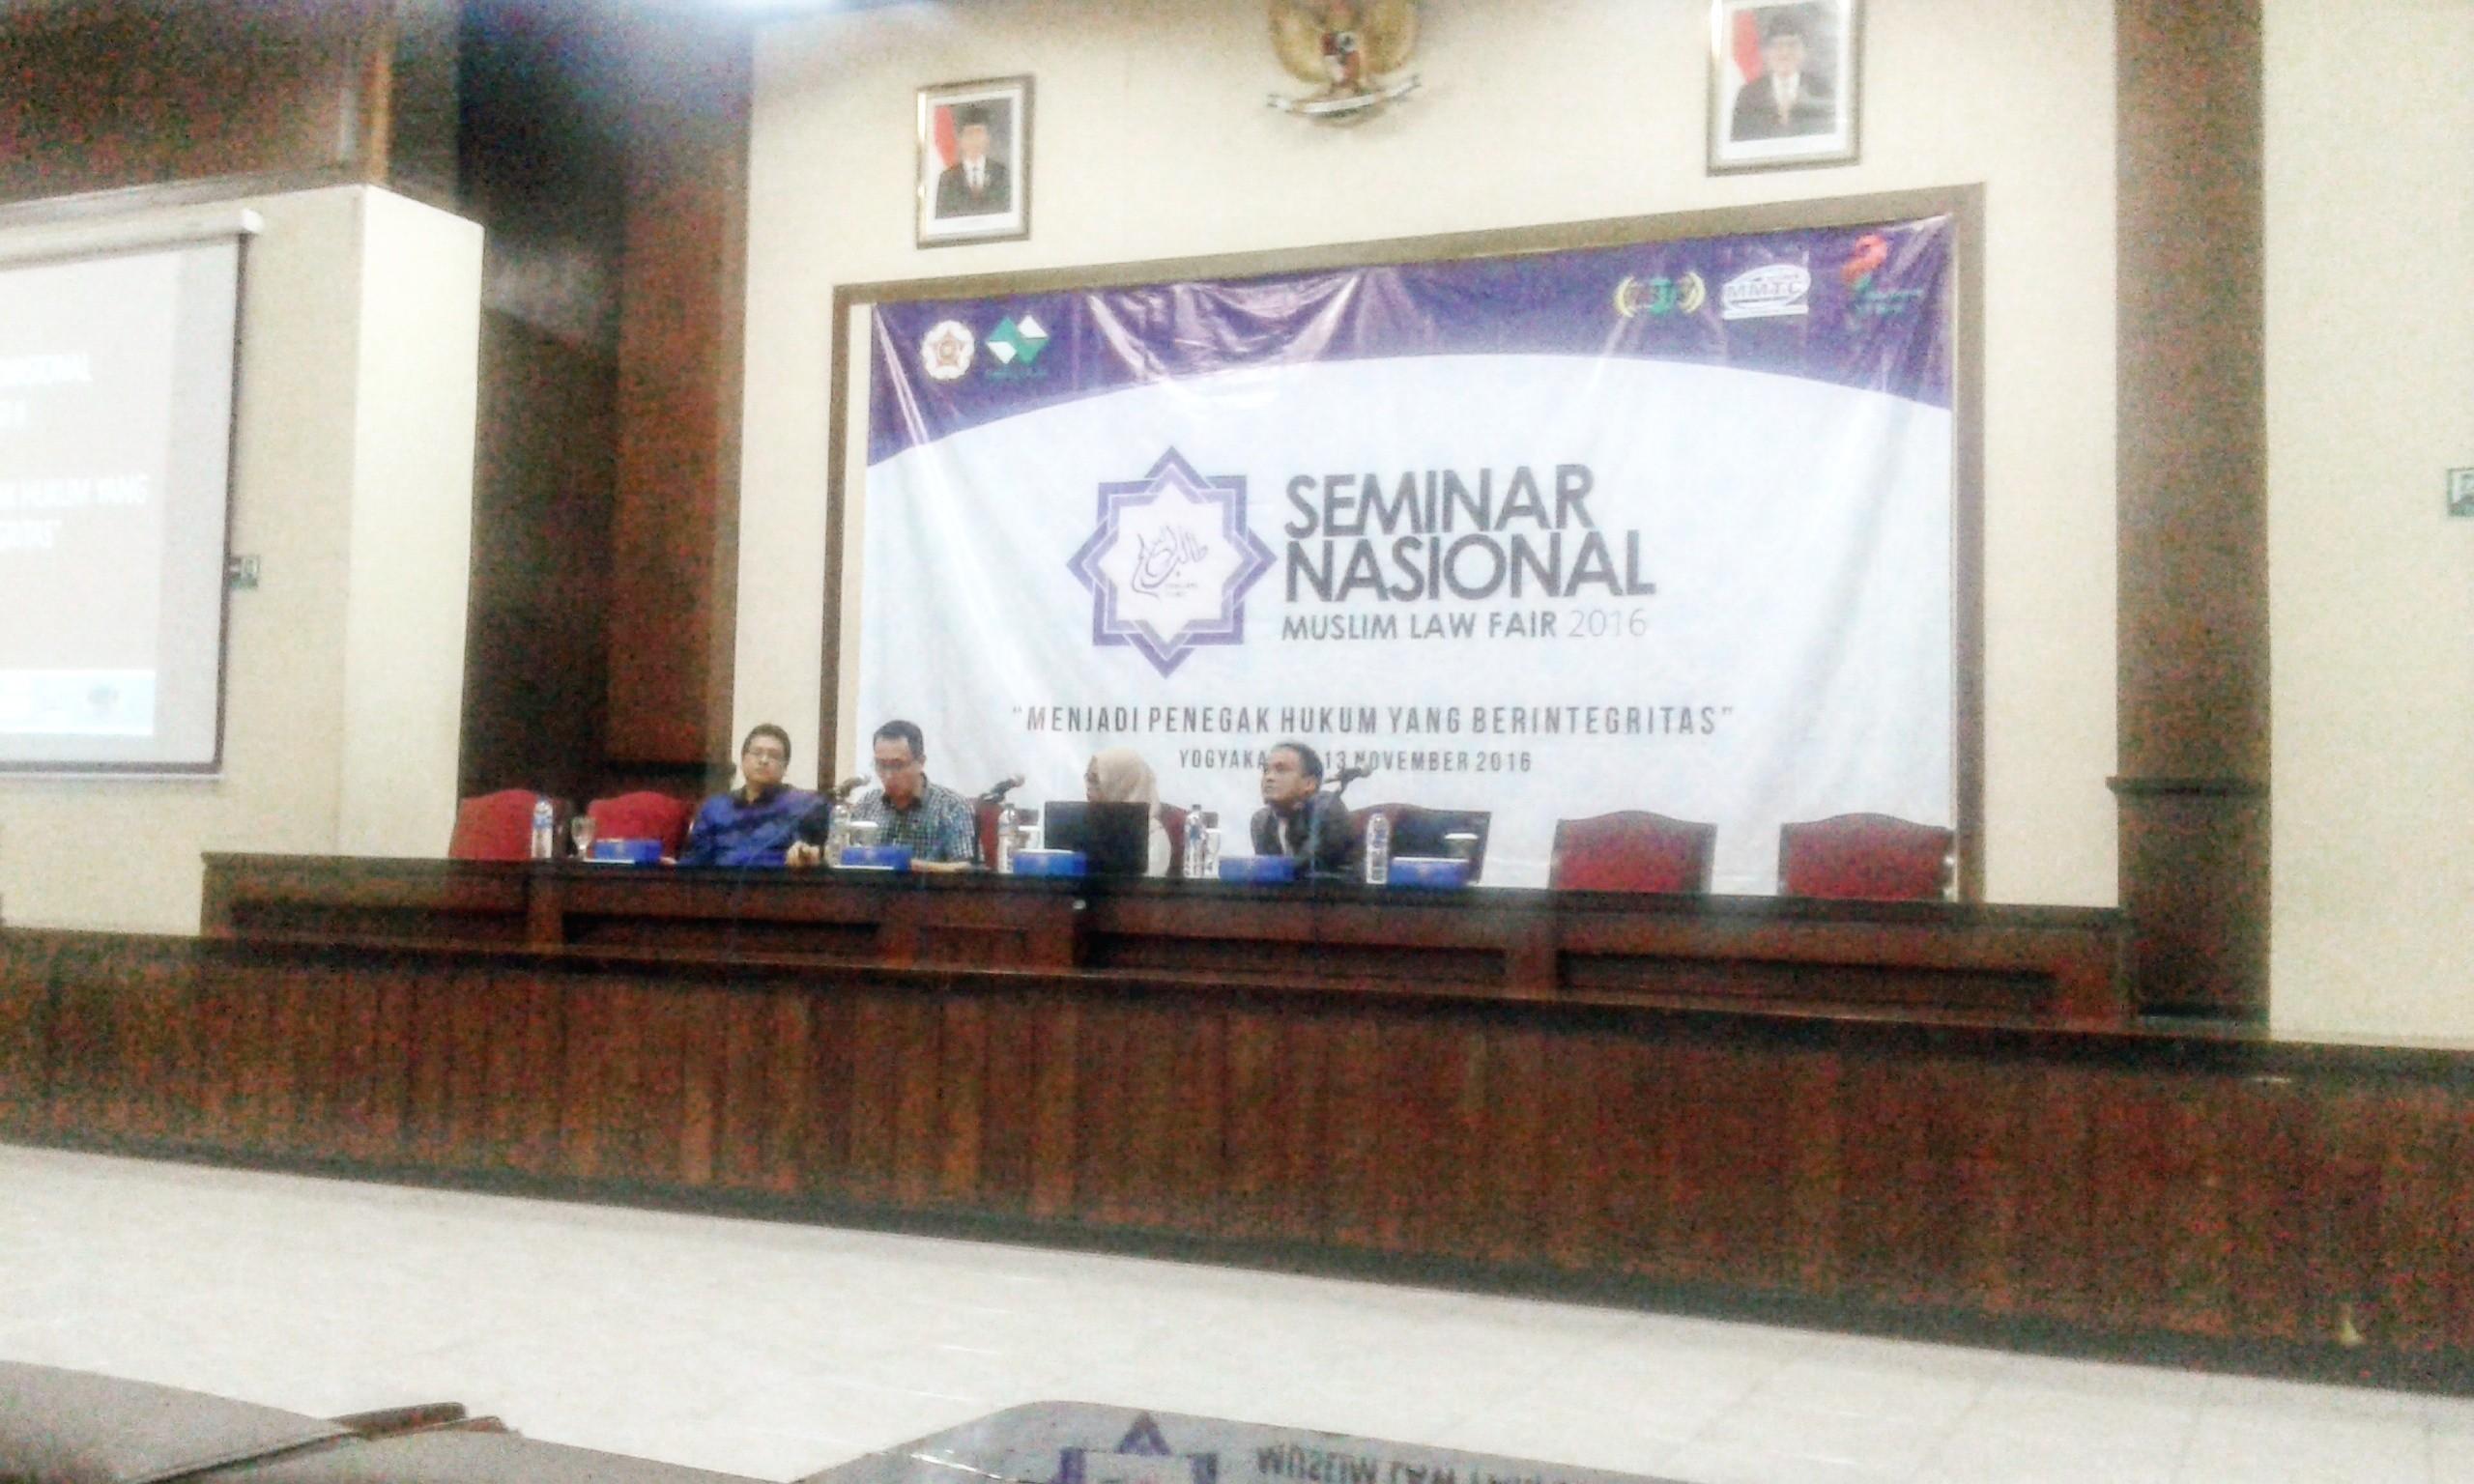 Sesi kedua seminar nasional. Foto: Ade-Tata